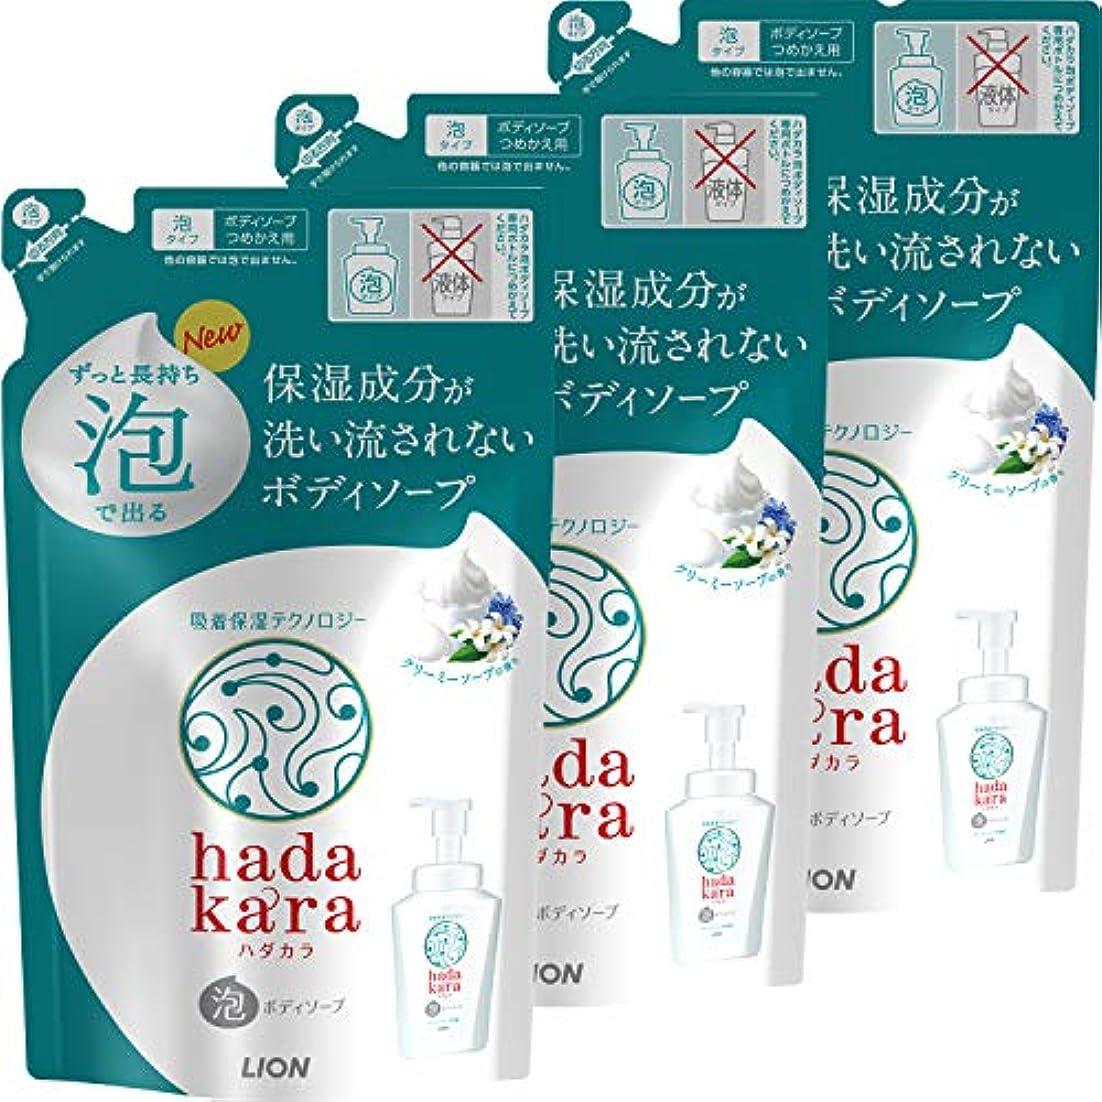 ばかげているタックシールドhadakara(ハダカラ) ボディソープ 泡タイプ クリーミーソープの香り 詰替440ml×3個